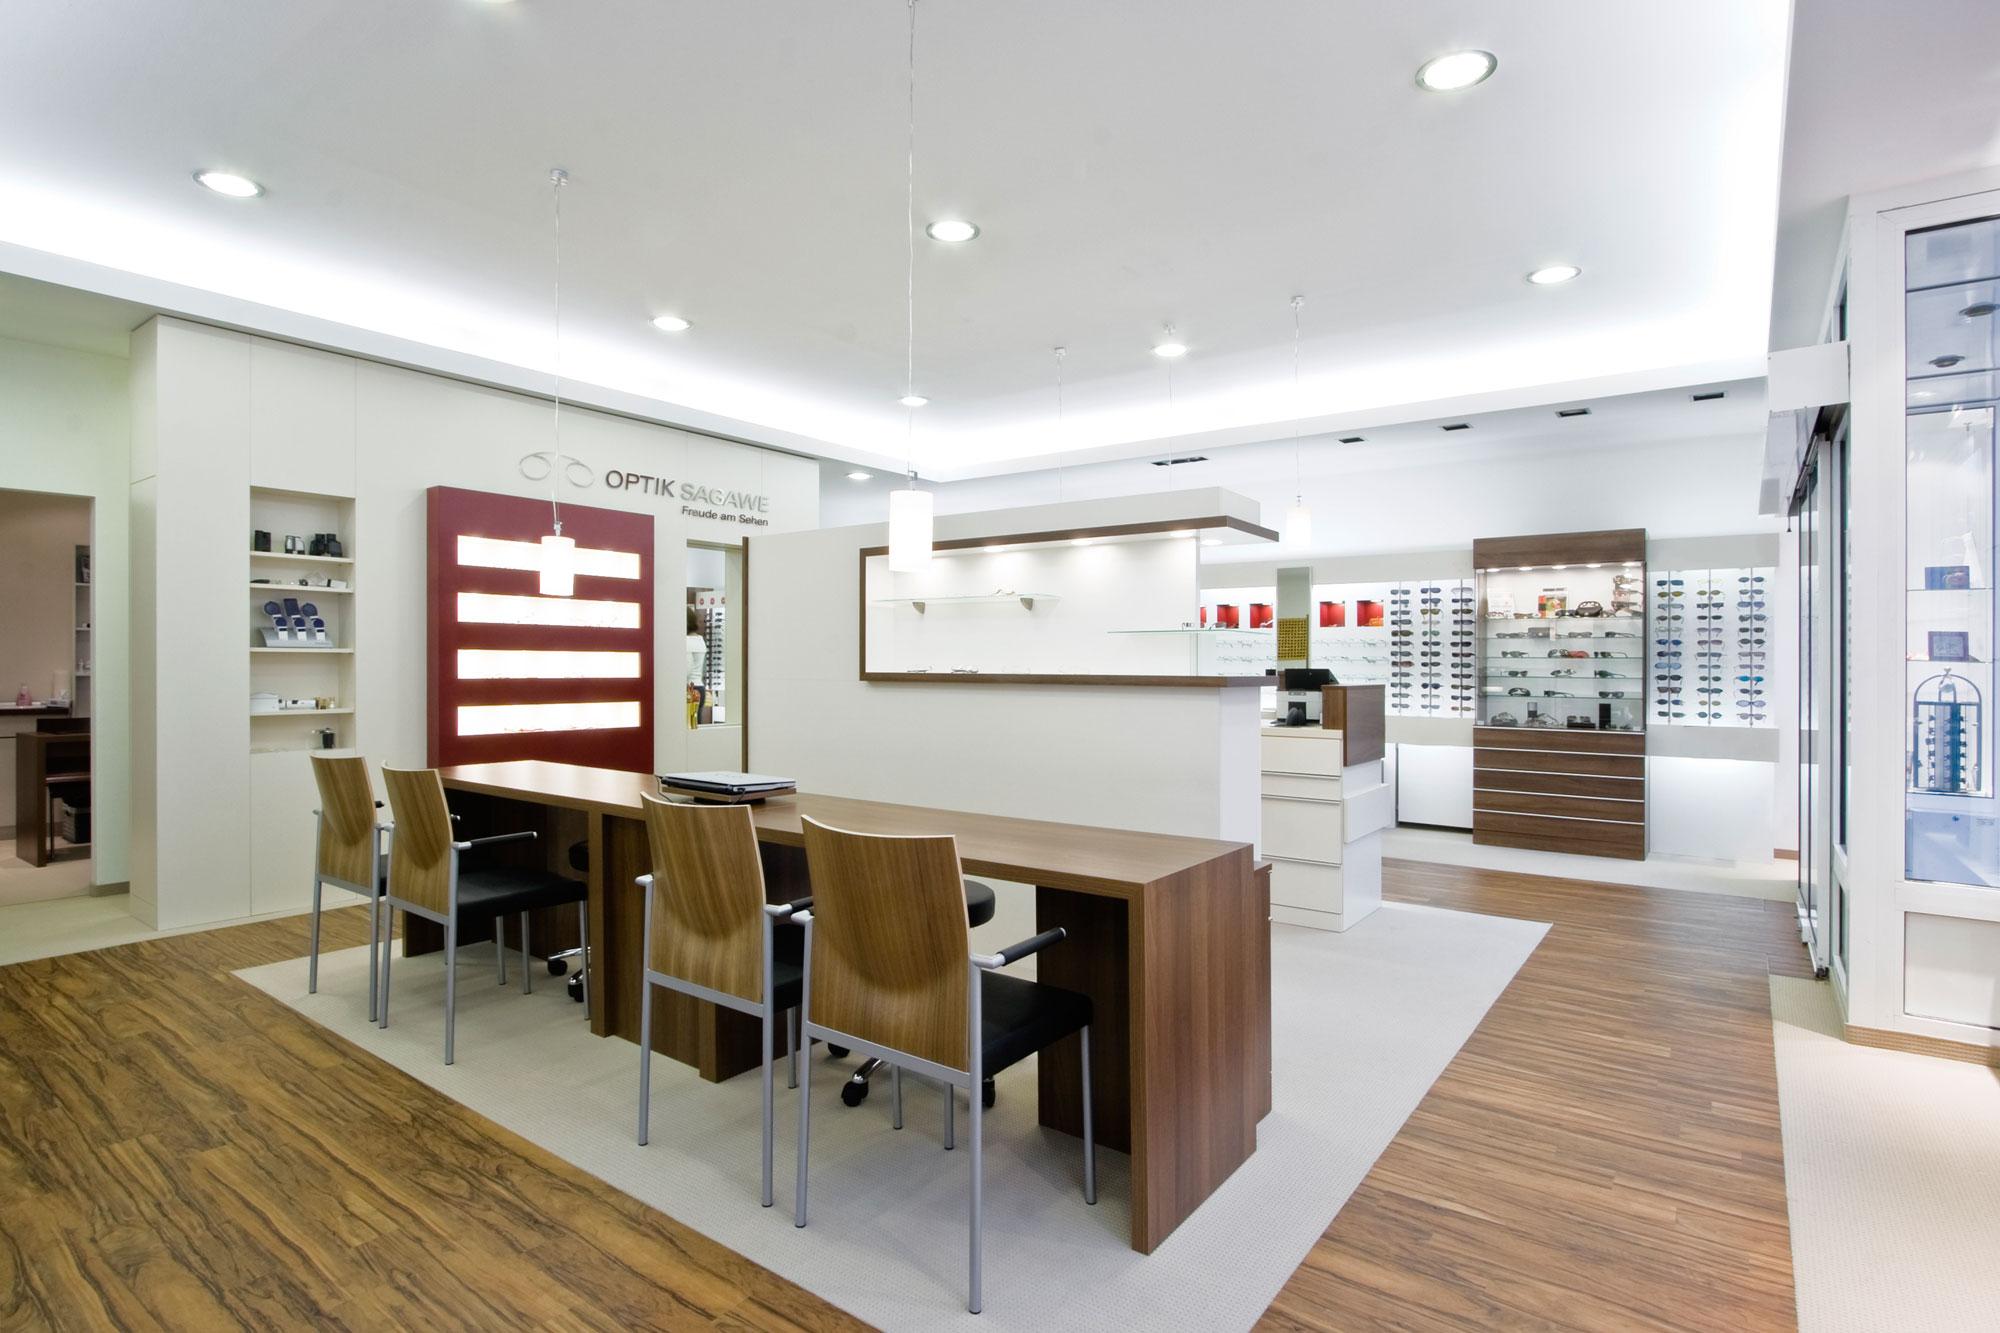 Unsere Geschäft von Optik Sagawe ist das Zeiss Vision Center in Reutershagen in der Ernst-Thälmann-Strasse 5